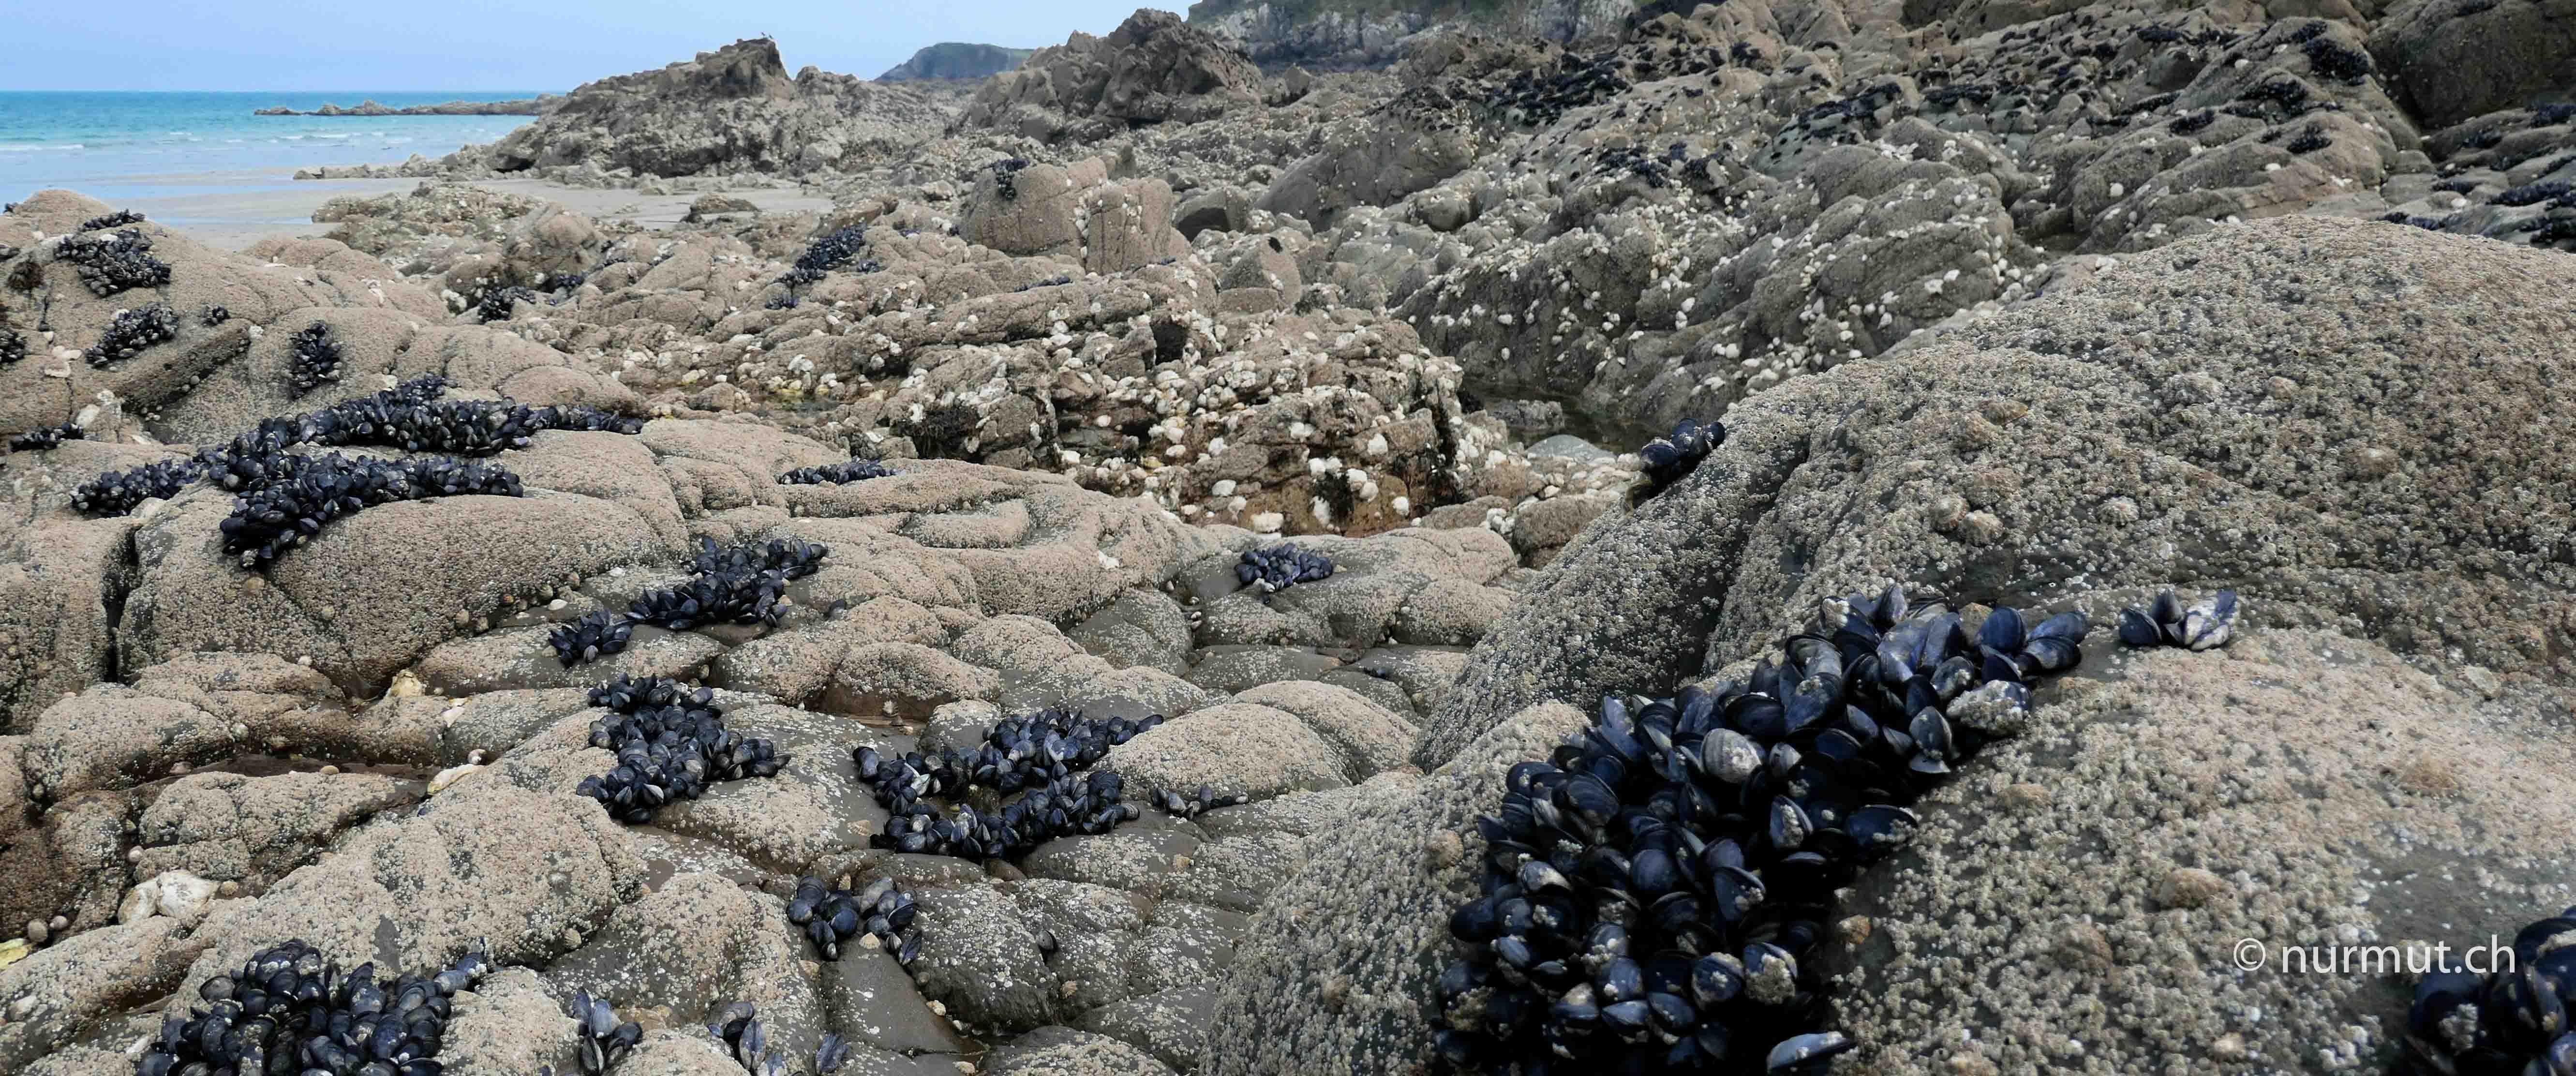 Bretagne-im-Winter-mit Wohnmobil-und-Hund-Miesmuscheln-Küste